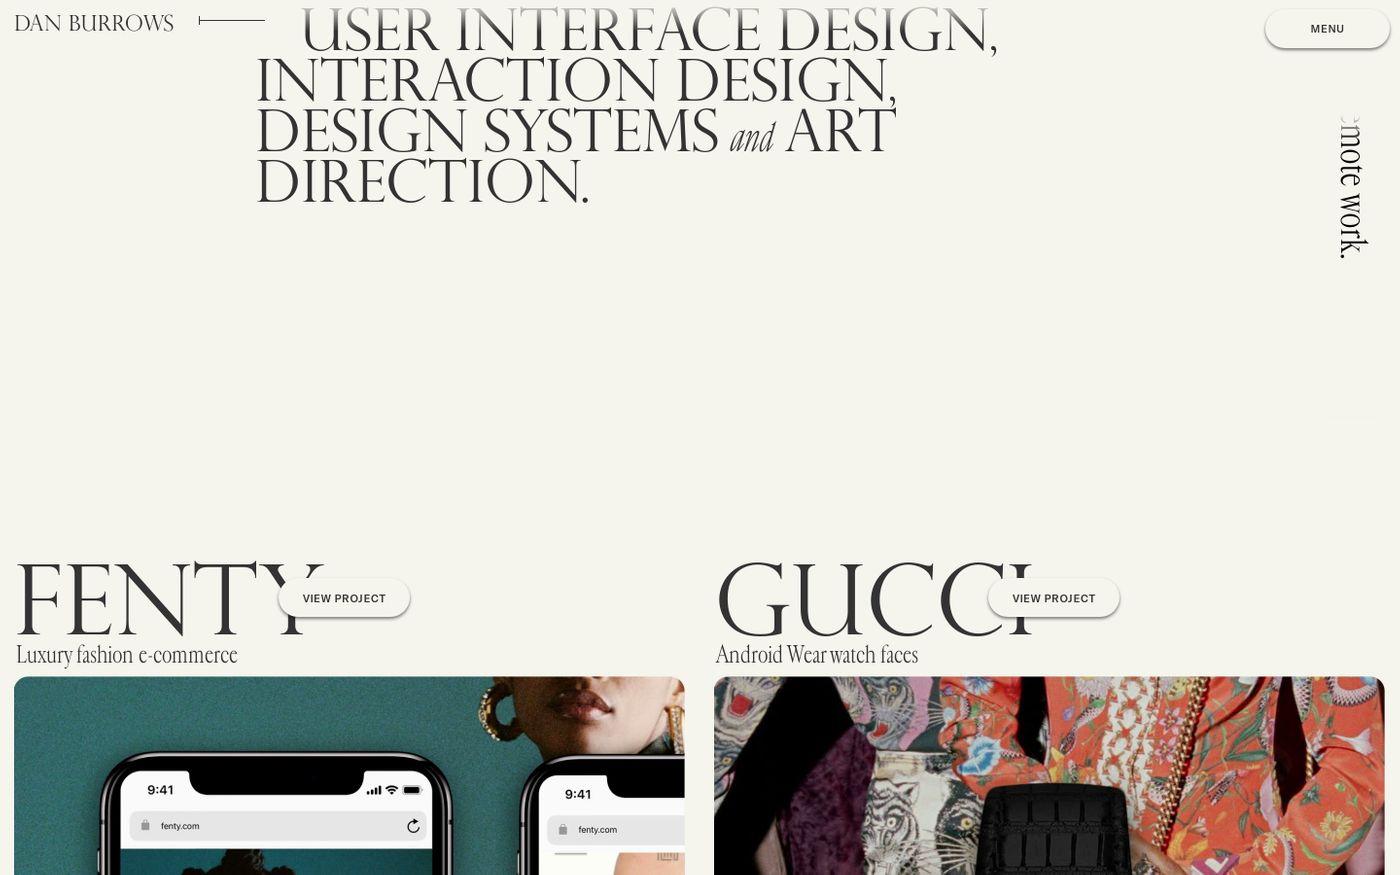 Screenshot of Dan Burrows website